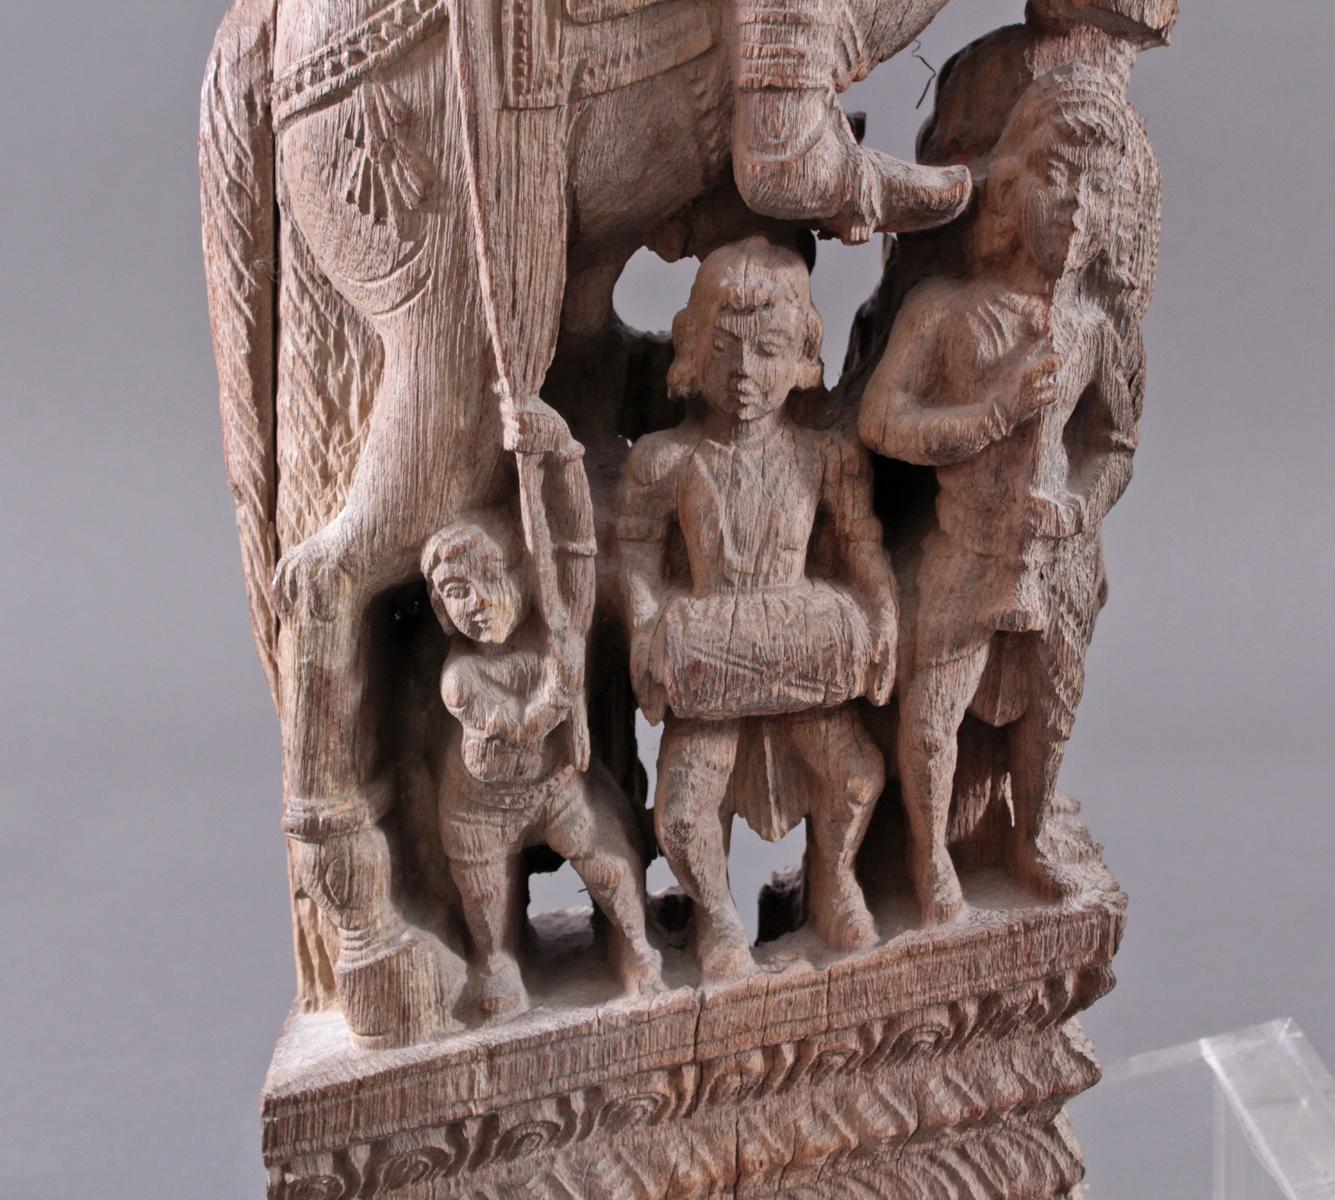 Holzplastik eines Reiters auf einem Pferd, Indien wohl Orissa 15./16. Jh.-6